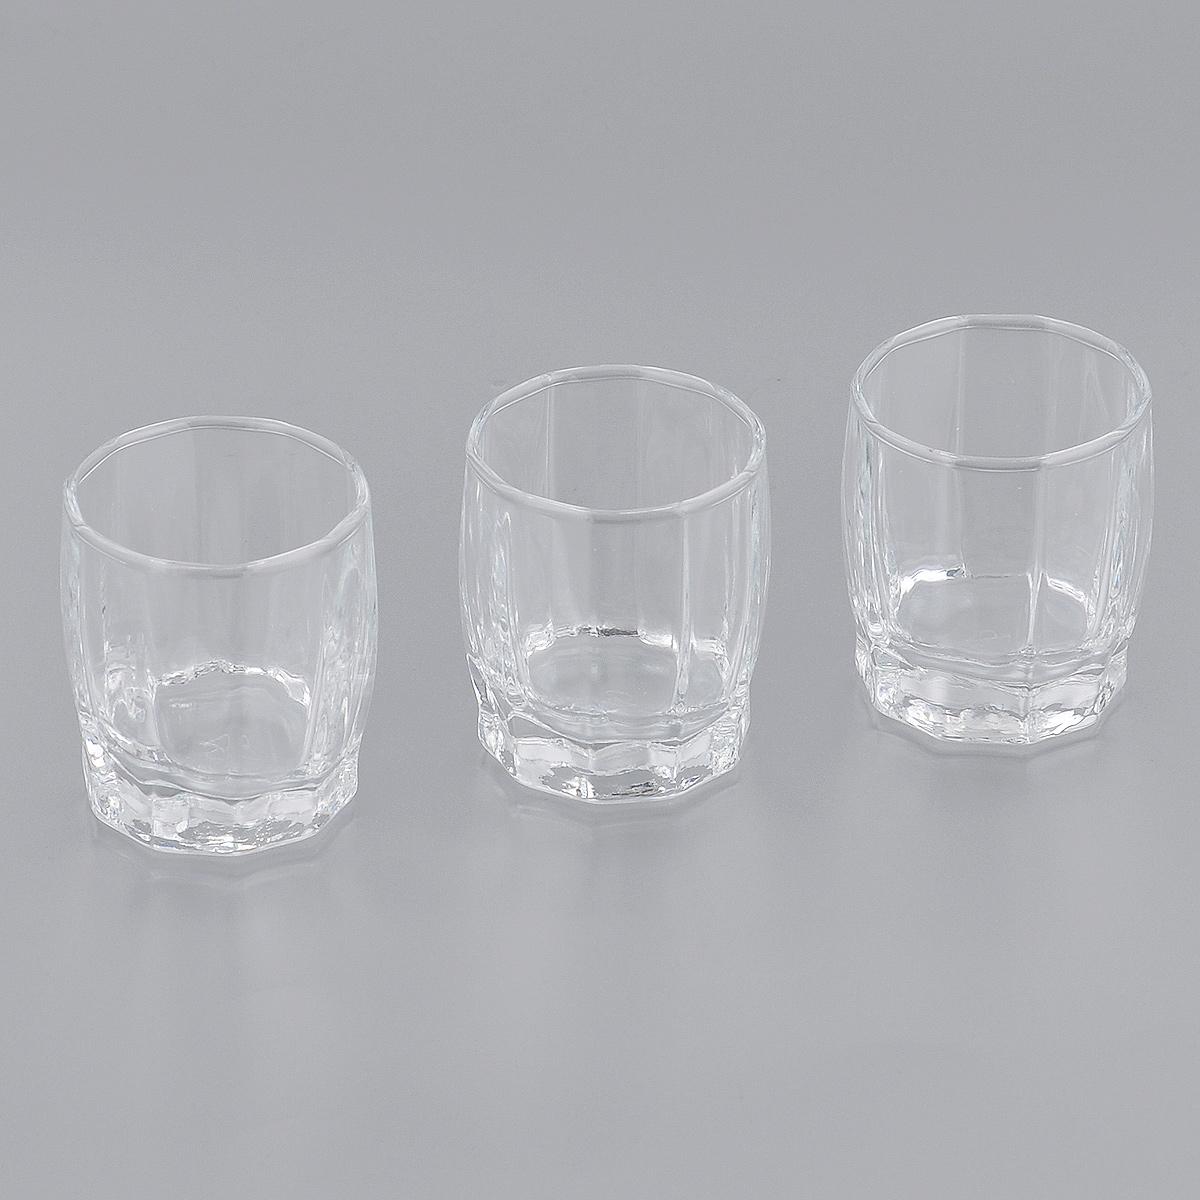 Набор стопок Pasabahce для водки Dance, 60 мл, 3 штFS10C06E351Набор Pasabahce Dance, выполненный из высококачественного стекла, состоит из трех стопок. Стопки с утолщенным дном прекрасно подойдут для подачи водки или других крепких напитков. Эстетичность, функциональность и изящный дизайн сделают набор достойным дополнением к вашему кухонному инвентарю. Набор стопок Pasabahce Dance украсит ваш стол и станет отличным подарком к любому празднику. Можно использовать в морозильной камере и микроволновой печи. Можно мыть в посудомоечной машине.Диаметр стопки по верхнему краю: 4,5 см. Высота стопки: 5,5 см.